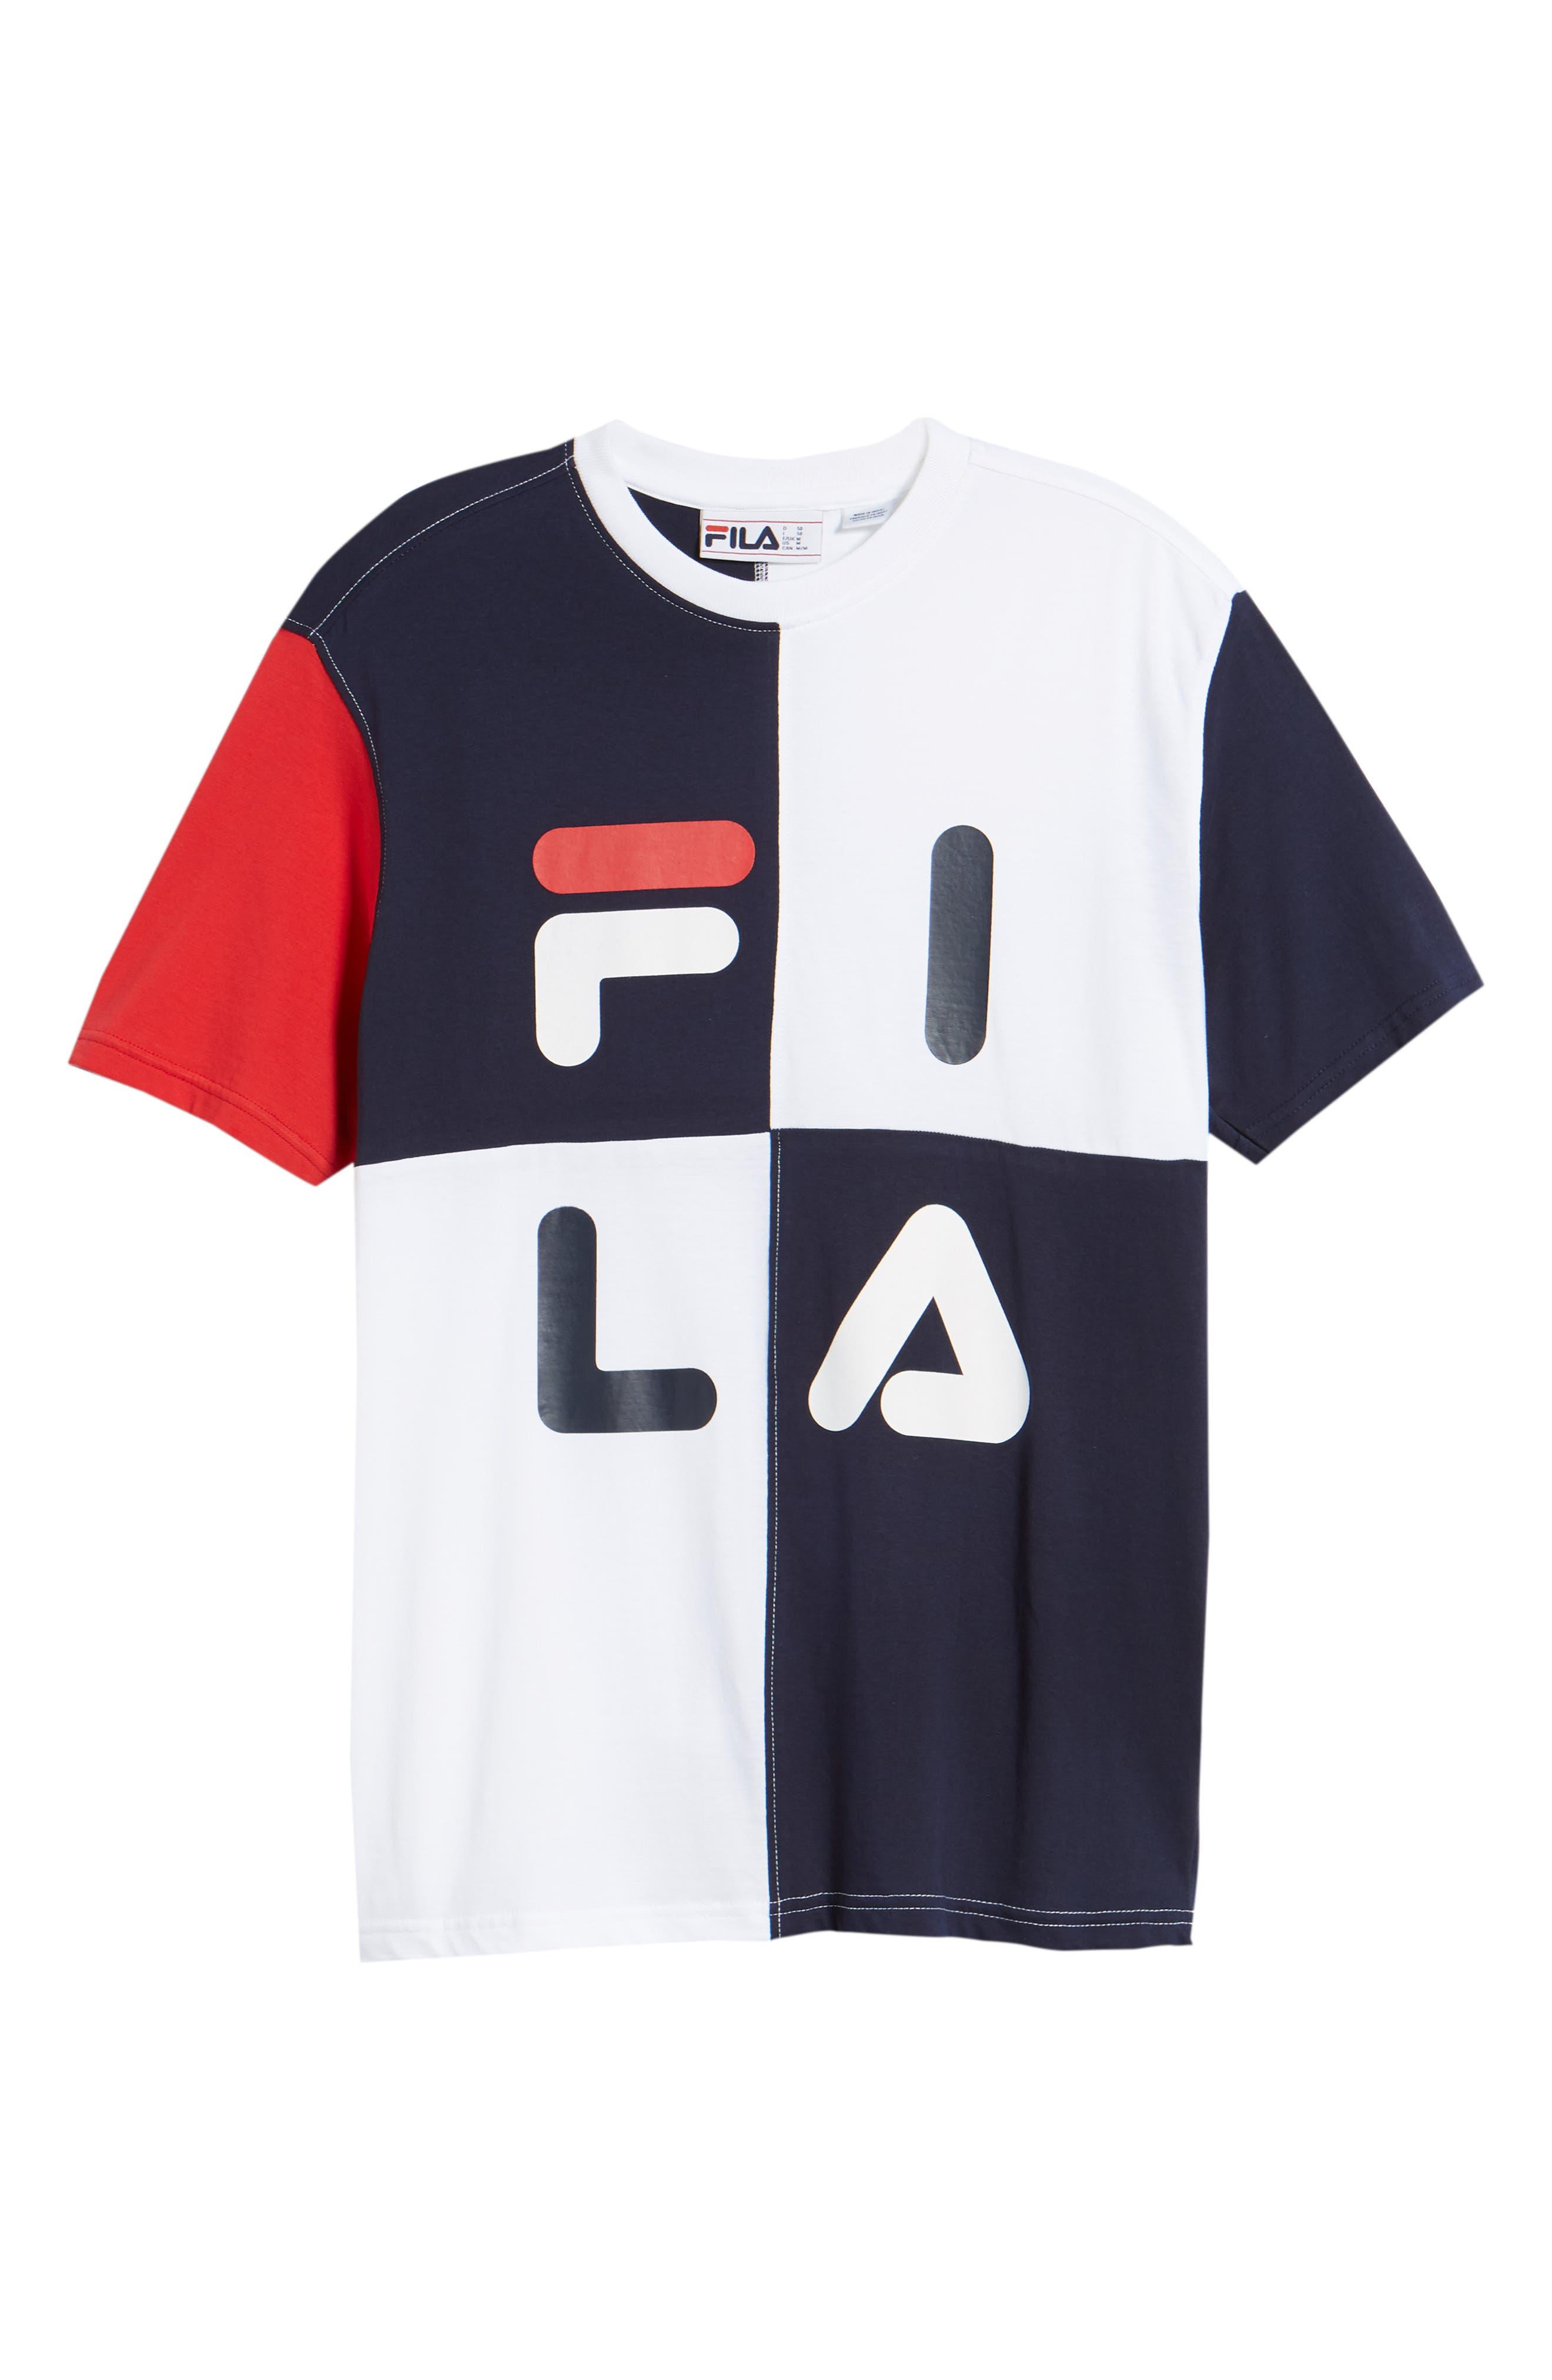 FILA Maddox Colorblock T-Shirt